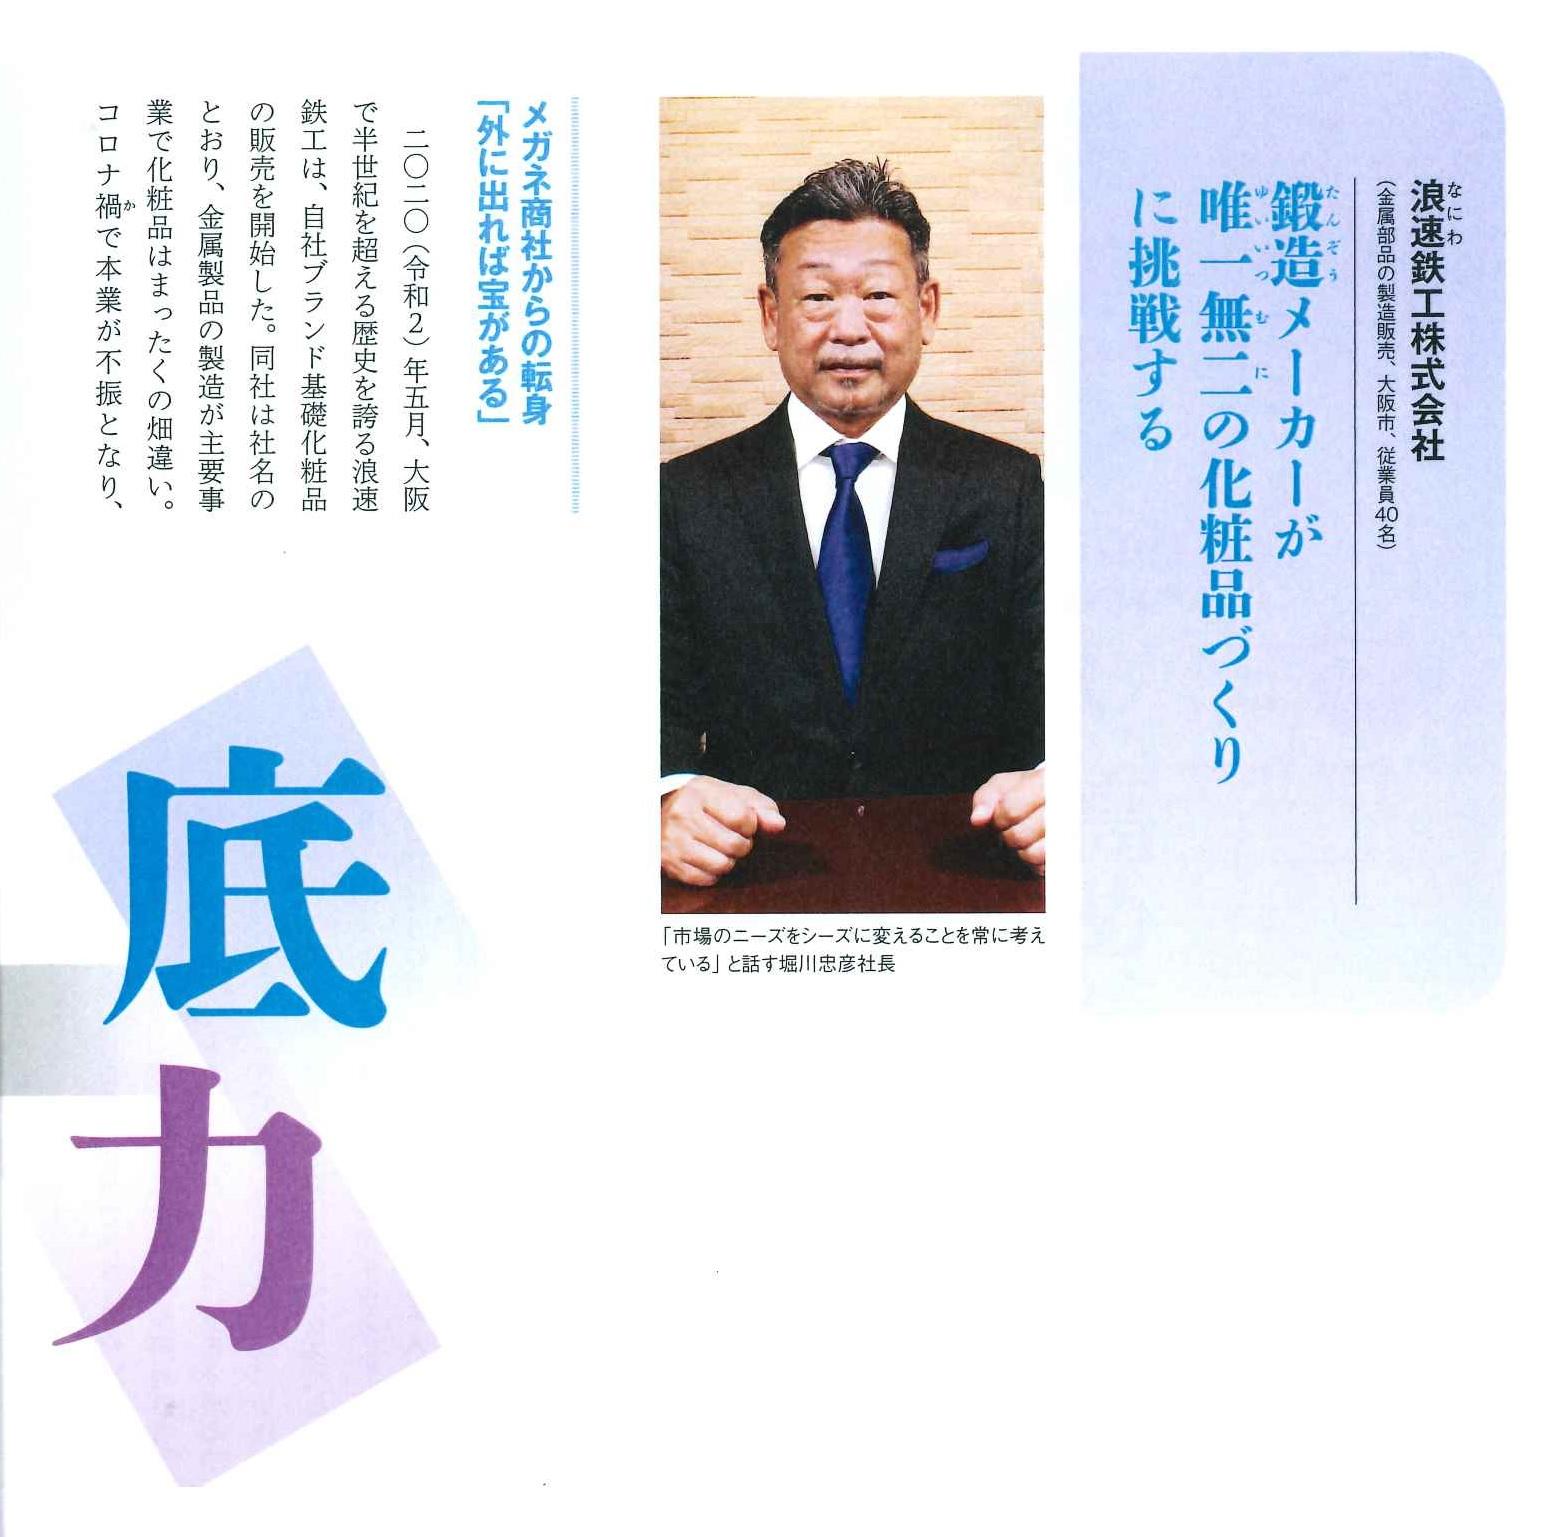 月刊『理念と経営』2021年9月号に掲載されました。